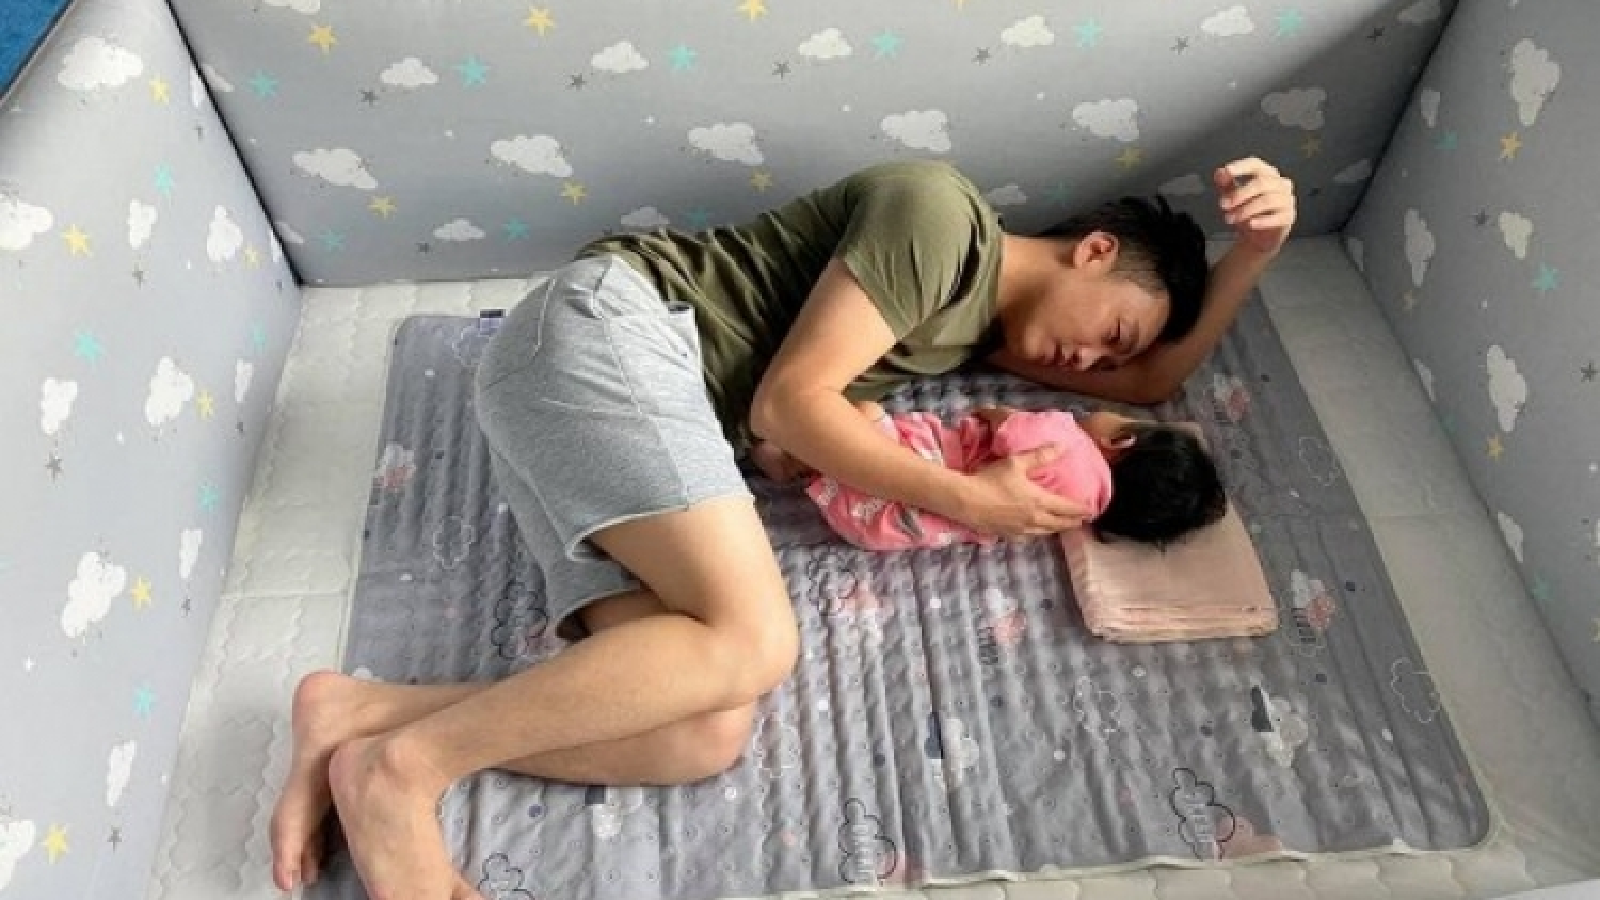 Chuyện showbiz: Tan chảy với khoảnh khắc Cường Đô La trò chuyện cùng con gái